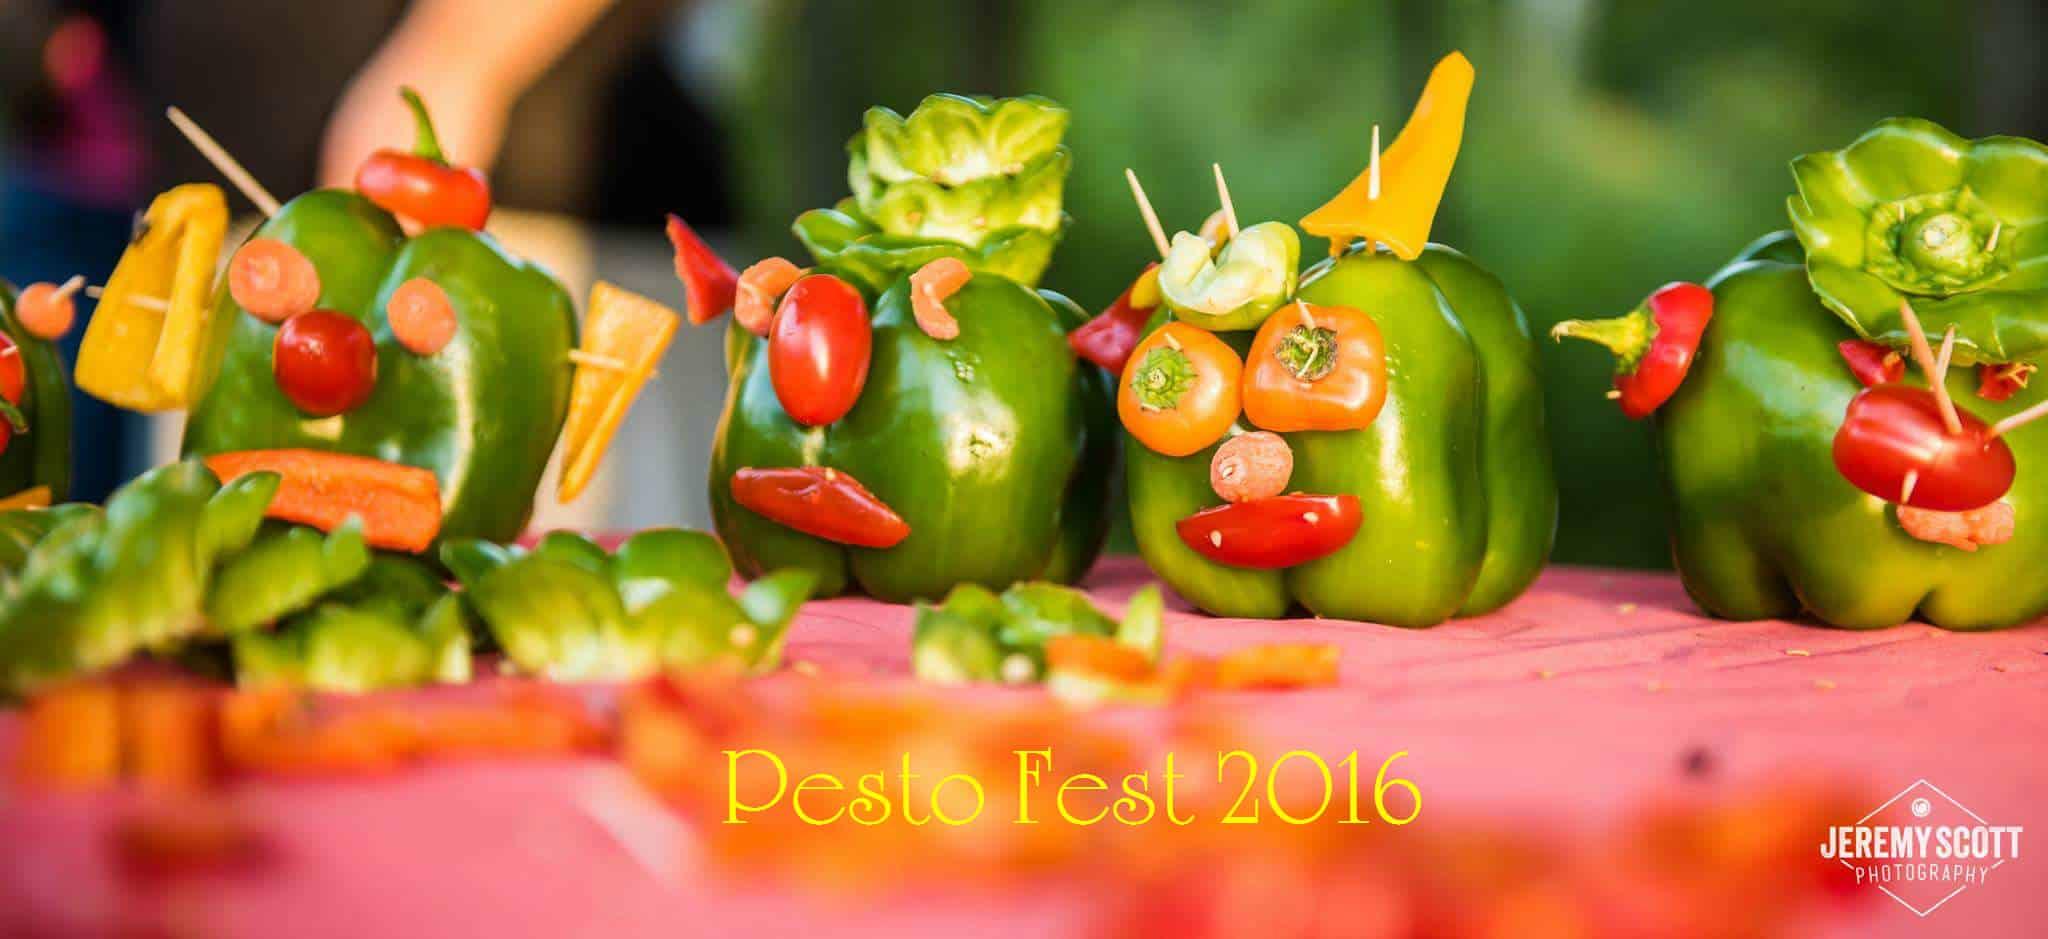 pesto-fest-2016-veggies